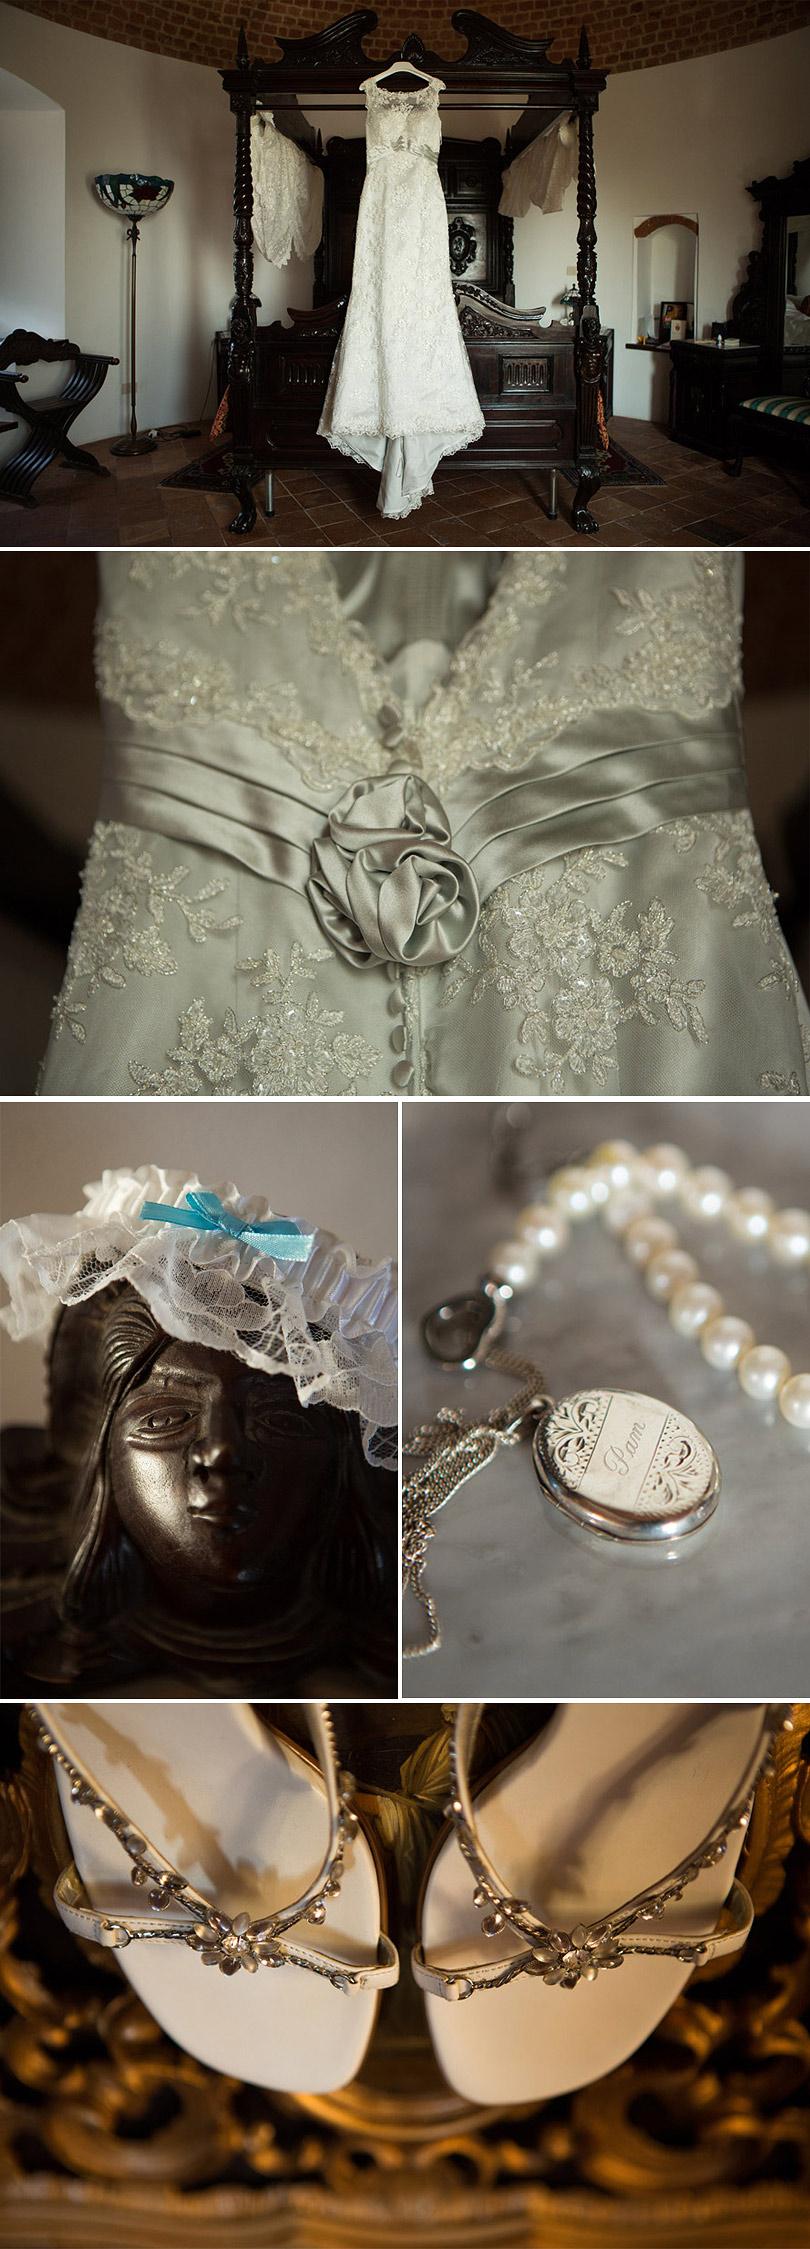 Casetello-di-Cortanze-Italian-Wedding-LilyandFrank-3.jpg